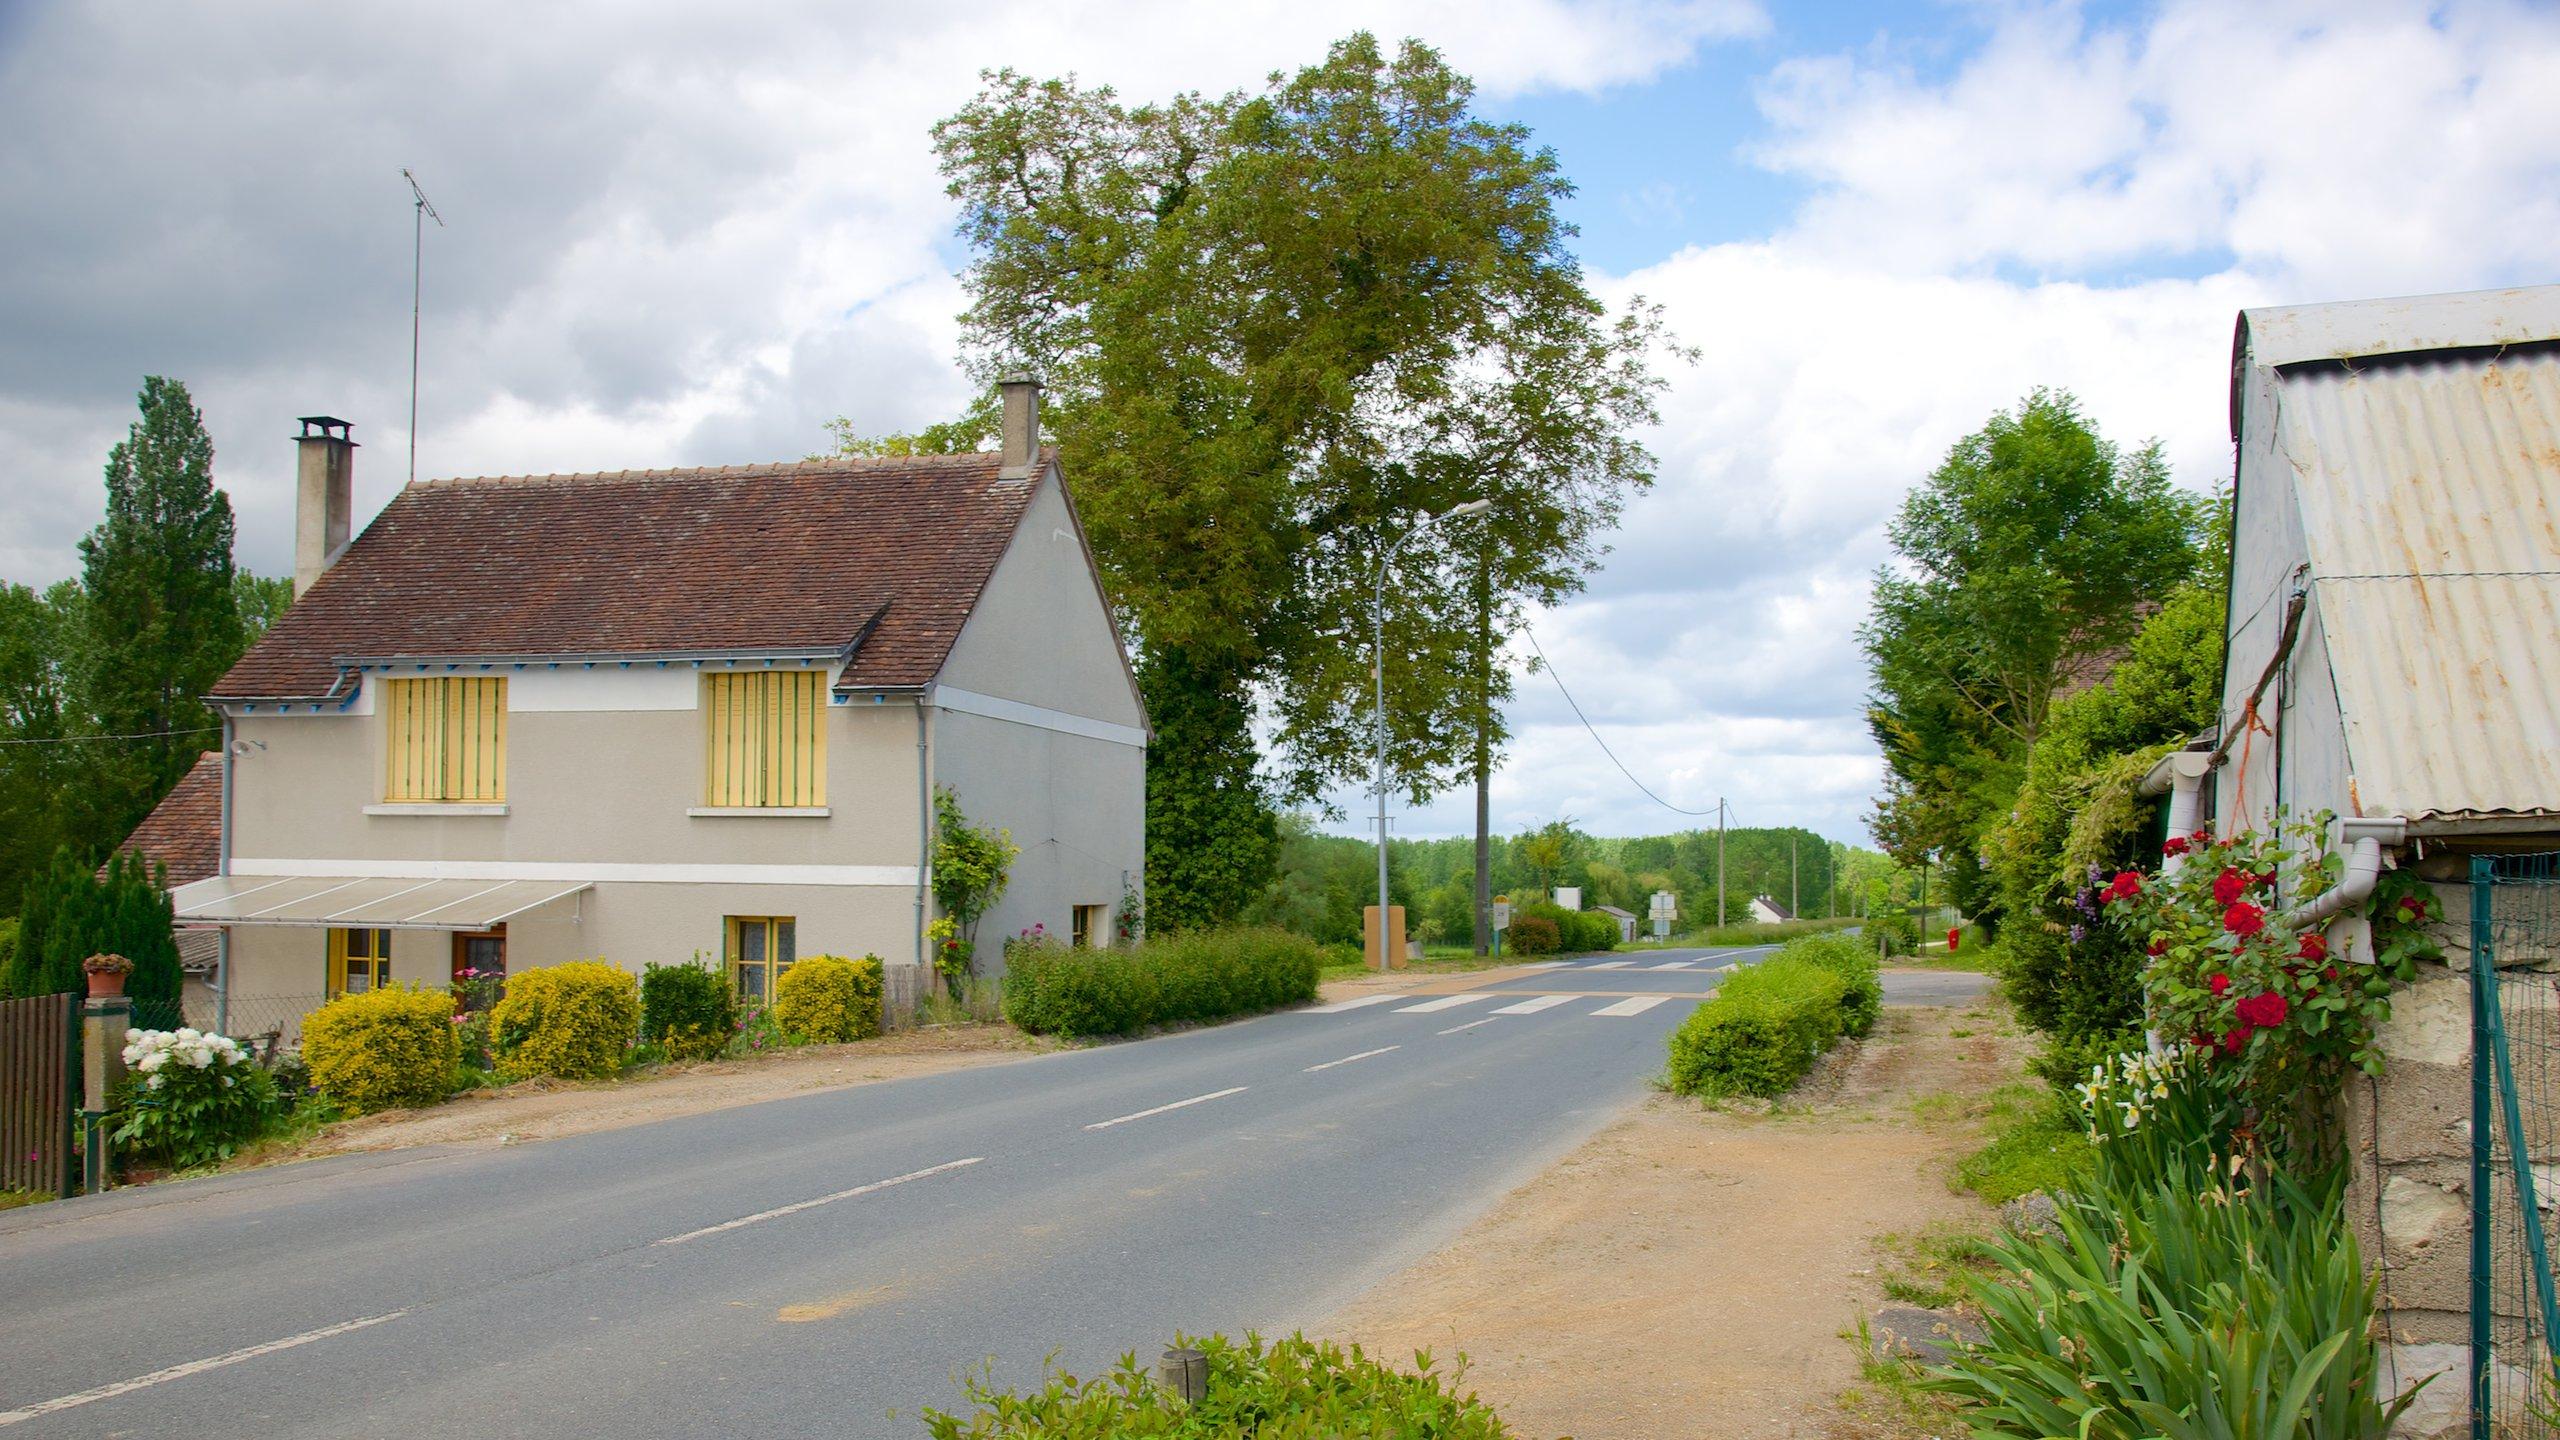 Villentrois, Villentrois-Faverolles-en-Berry, Indre (departement), Frankrijk